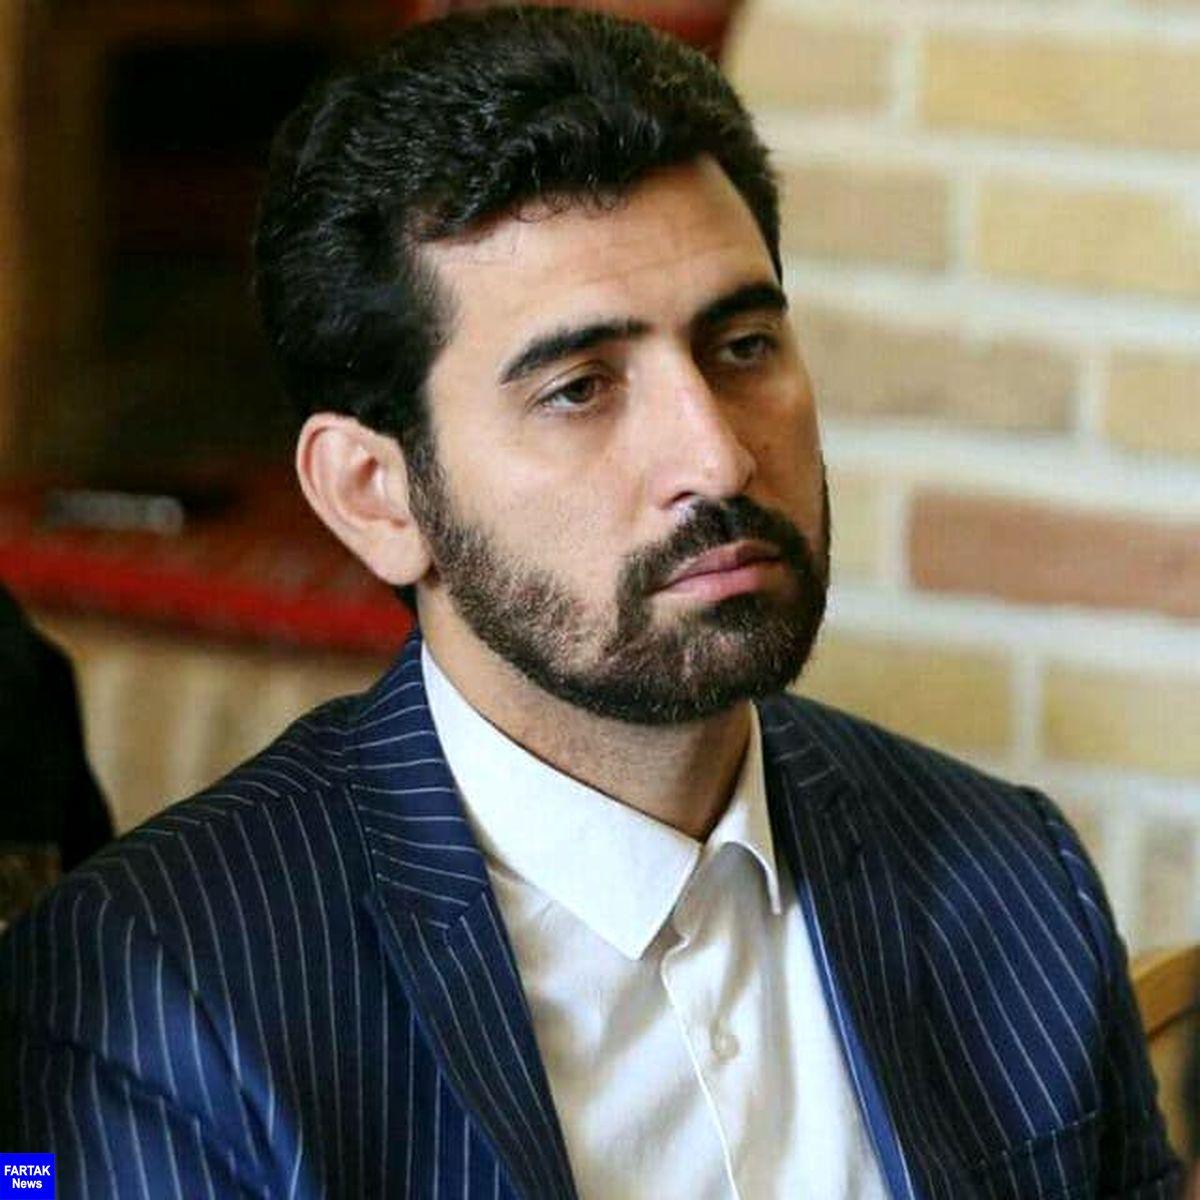 صد نقطه برای تبلیغات انتخاباتی در شهر کرمانشاه آماده شده است